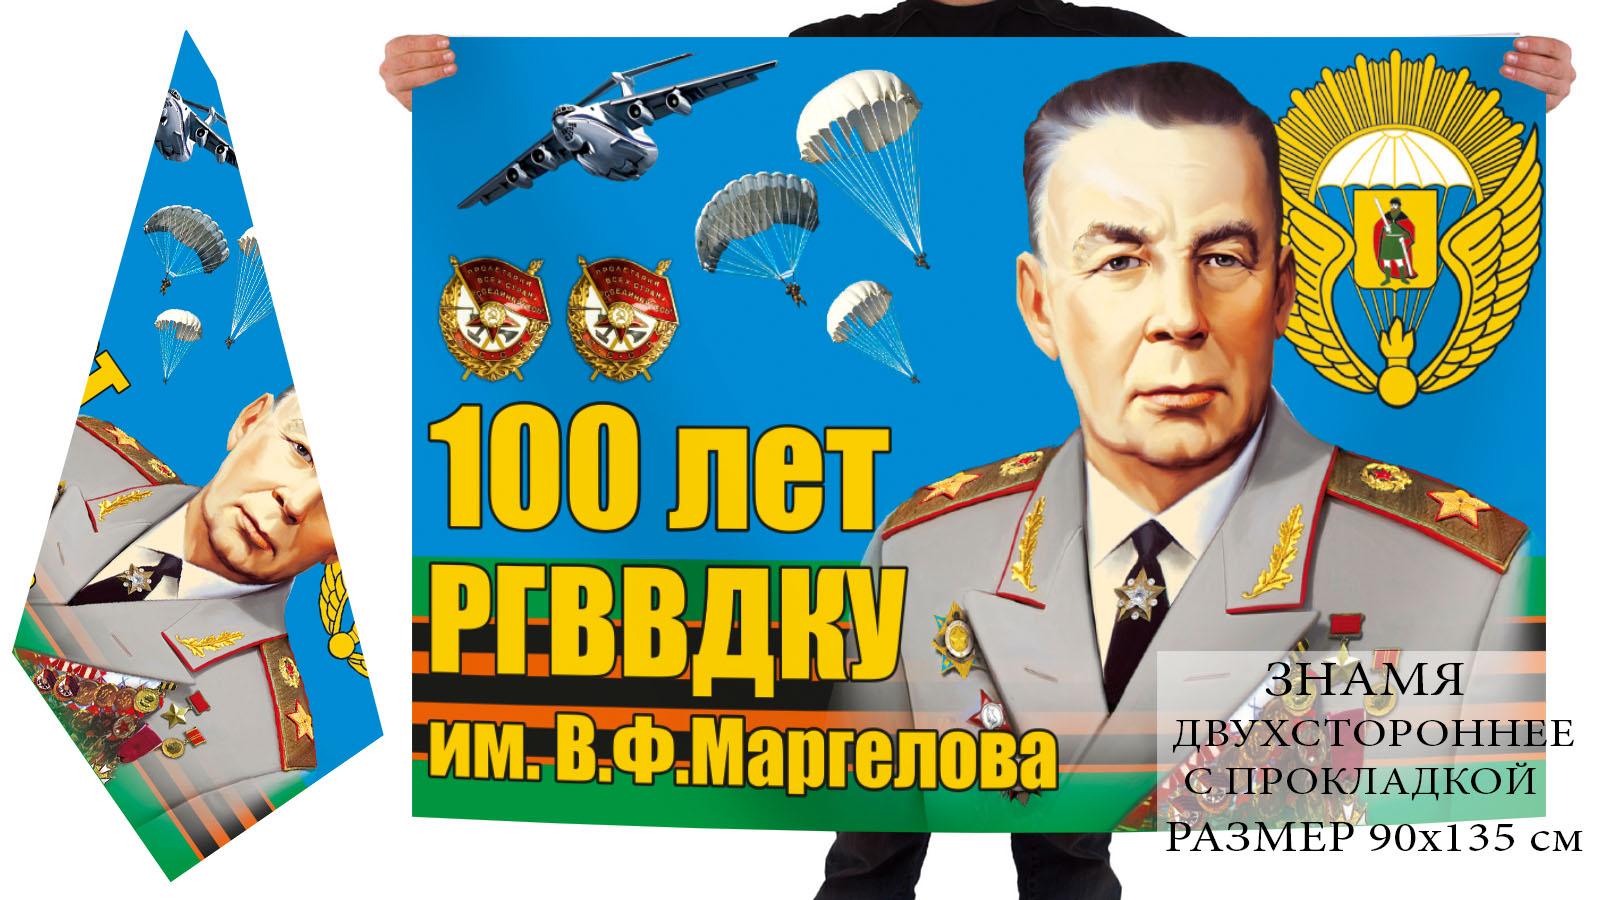 Большой двухсторонний флаг с портретом Маргелова и эмблемой РВВДКУ